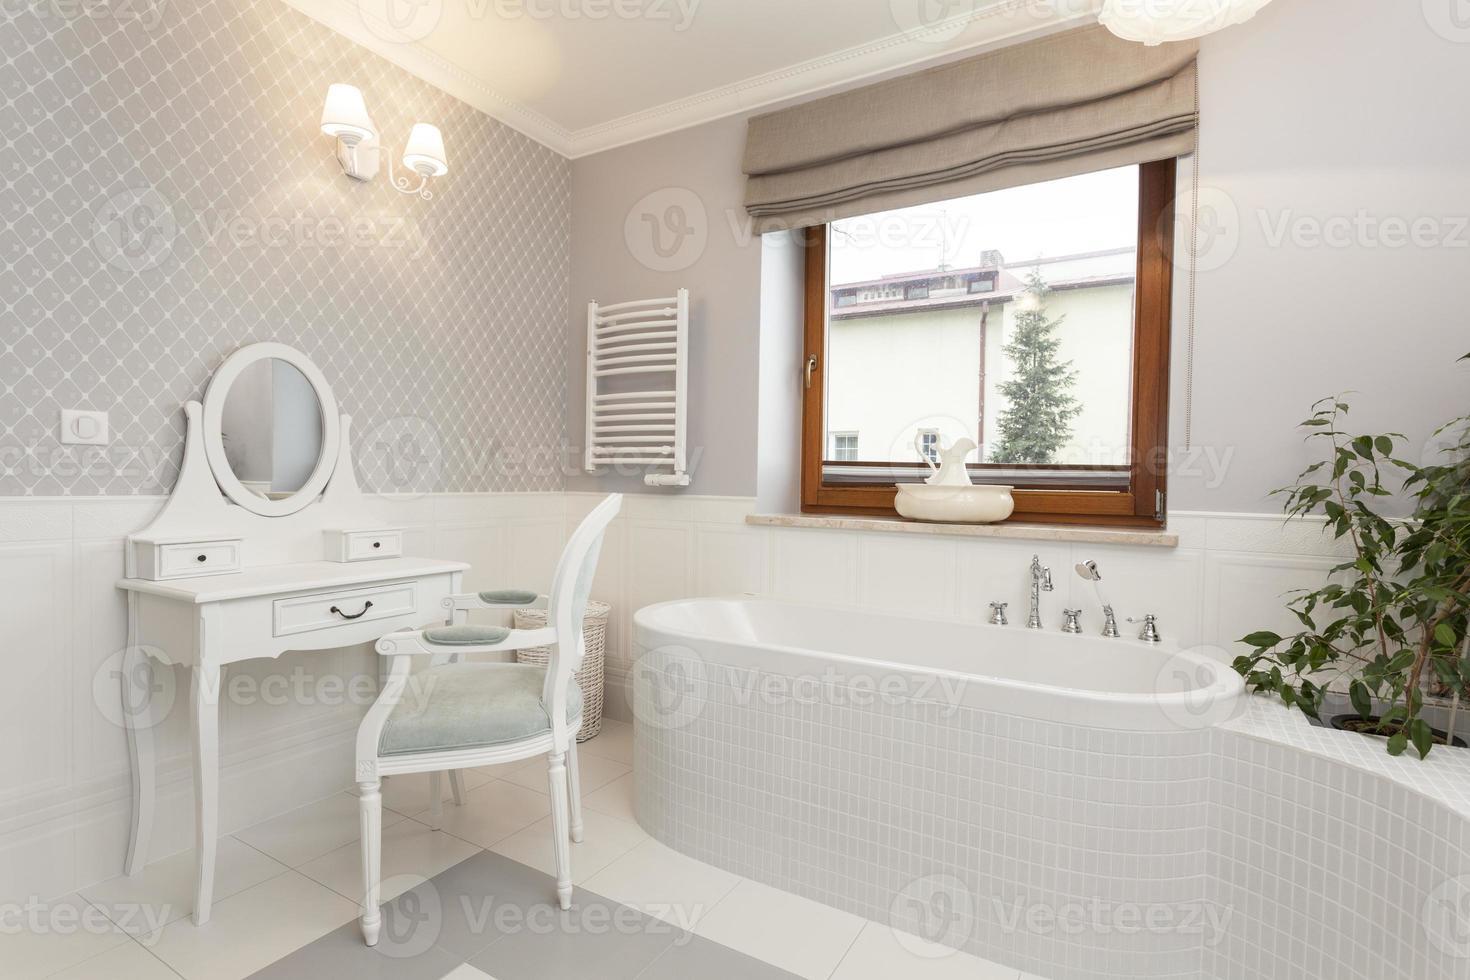 toscane - salle de bain avec coiffeuse photo